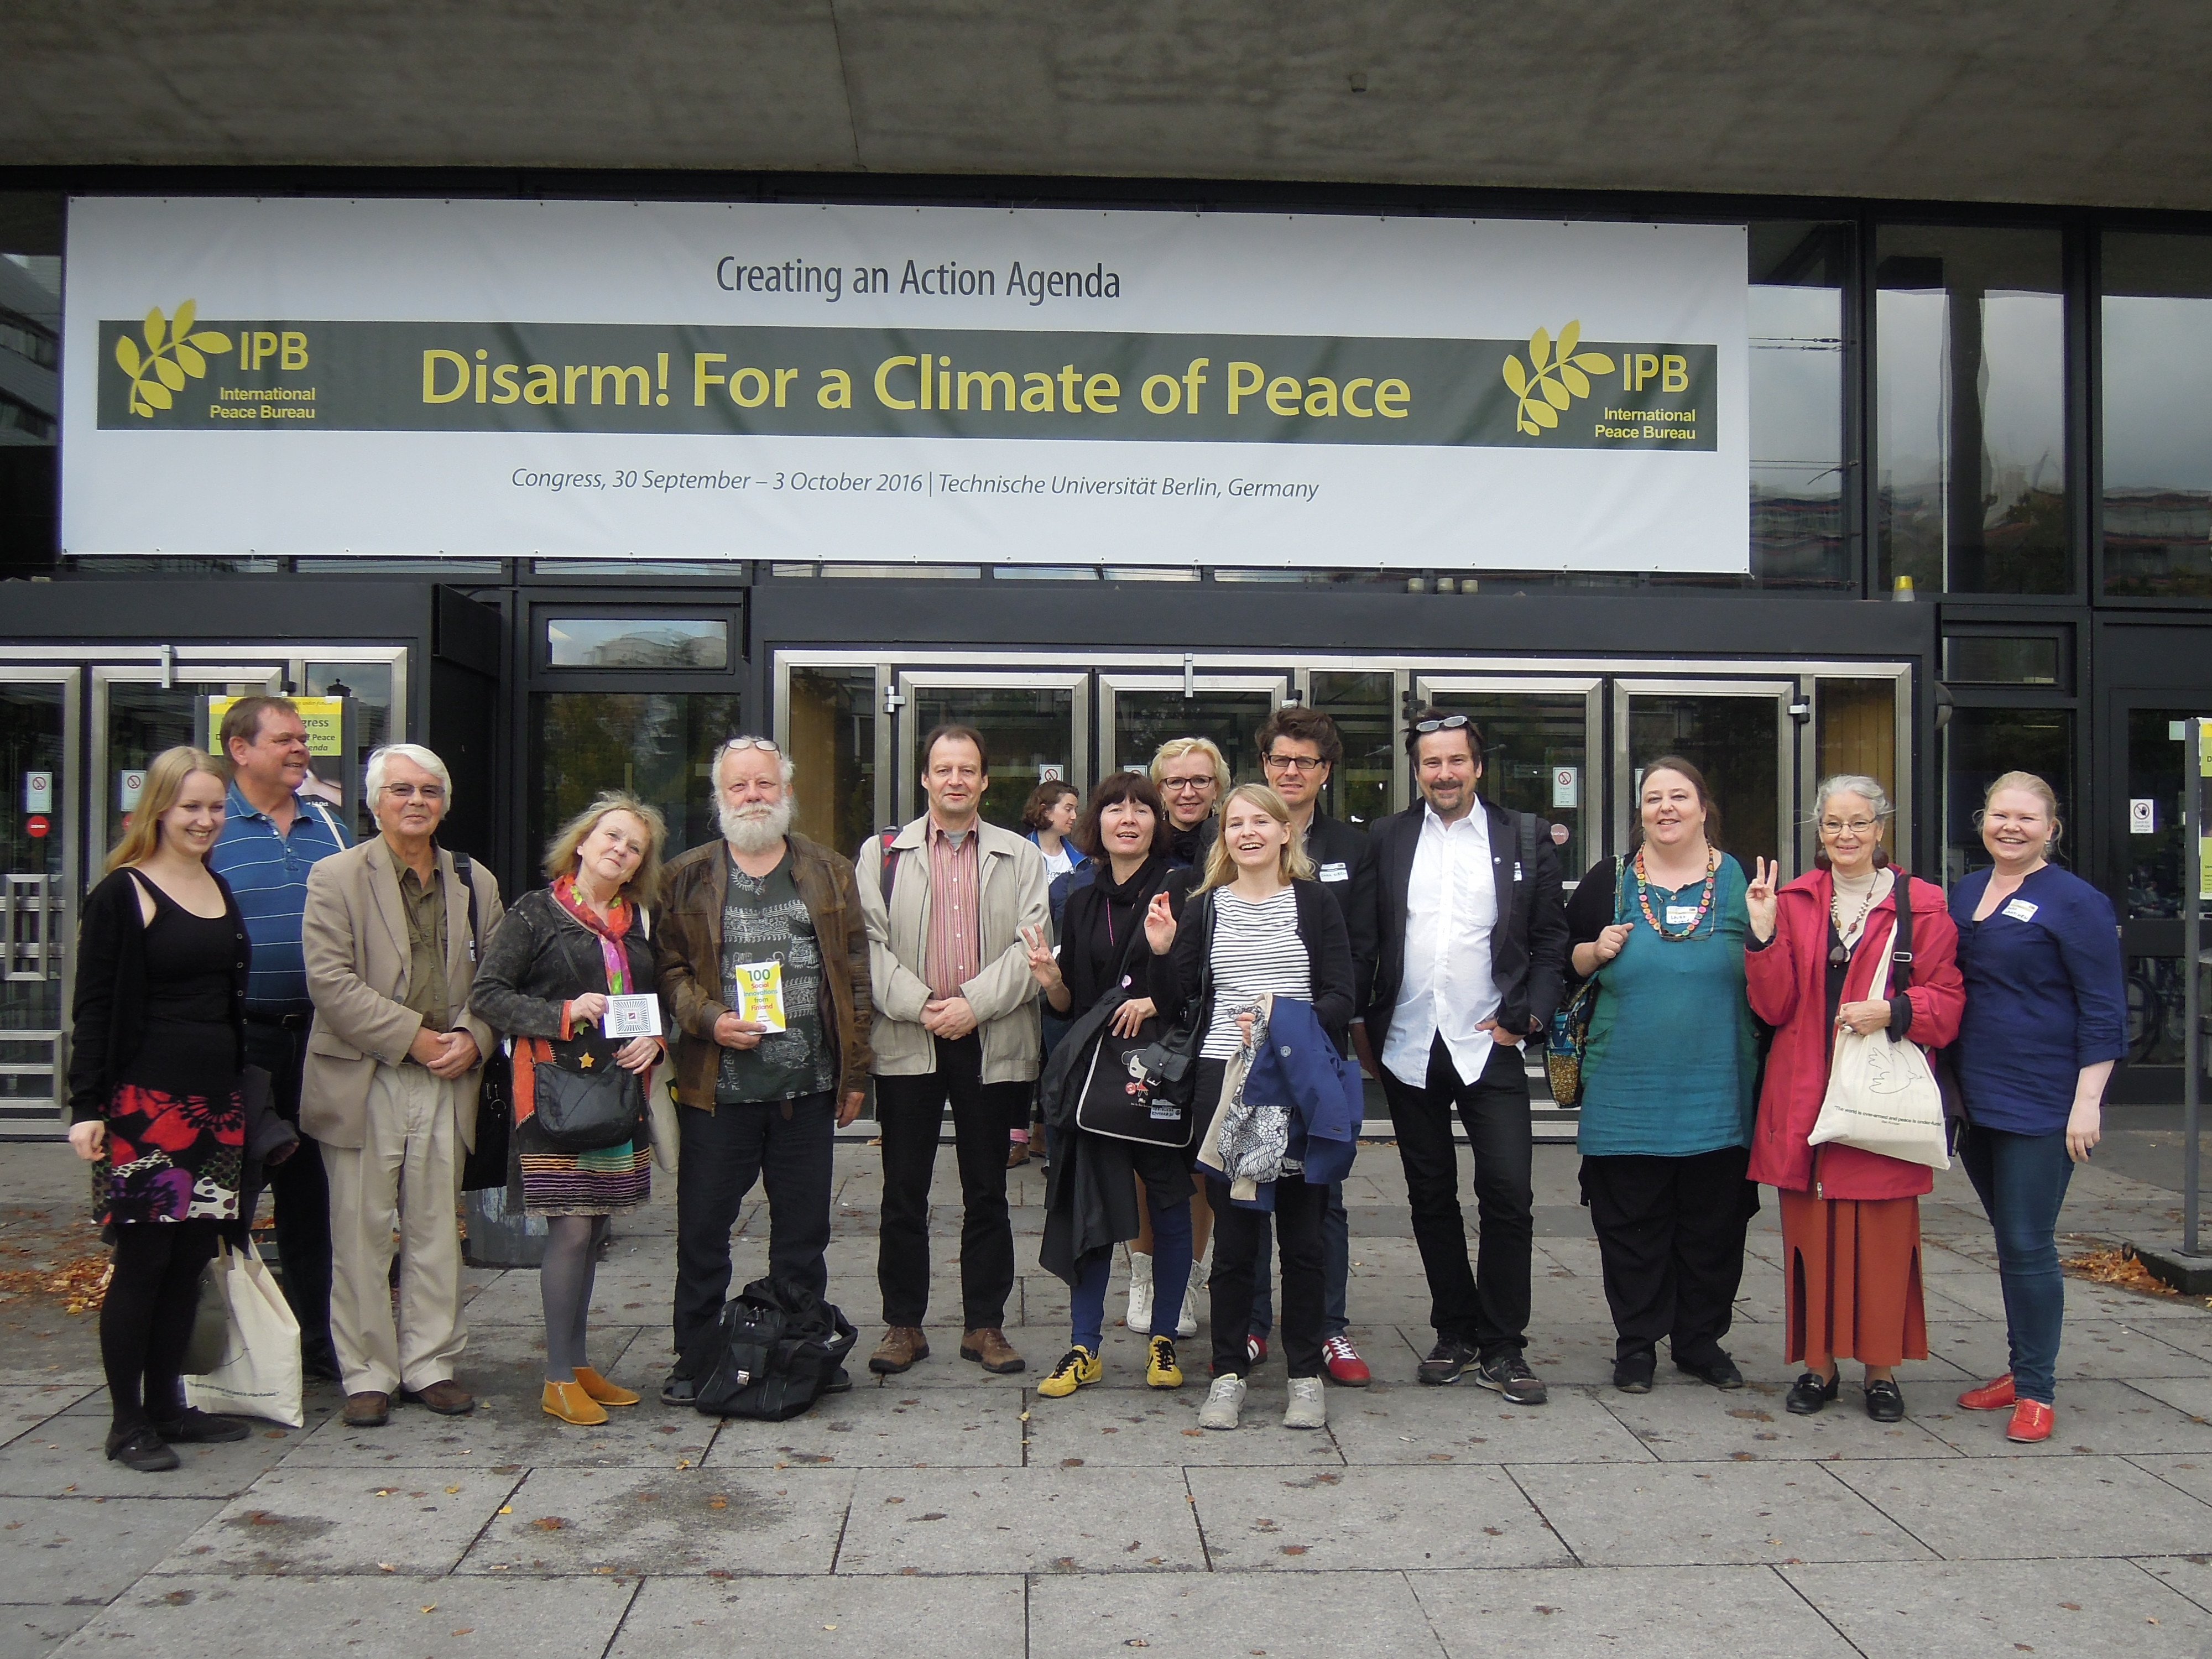 Suomalaisia rauhanaktivisteja International Peace Bureaun kongressissa Berliinissä 2016